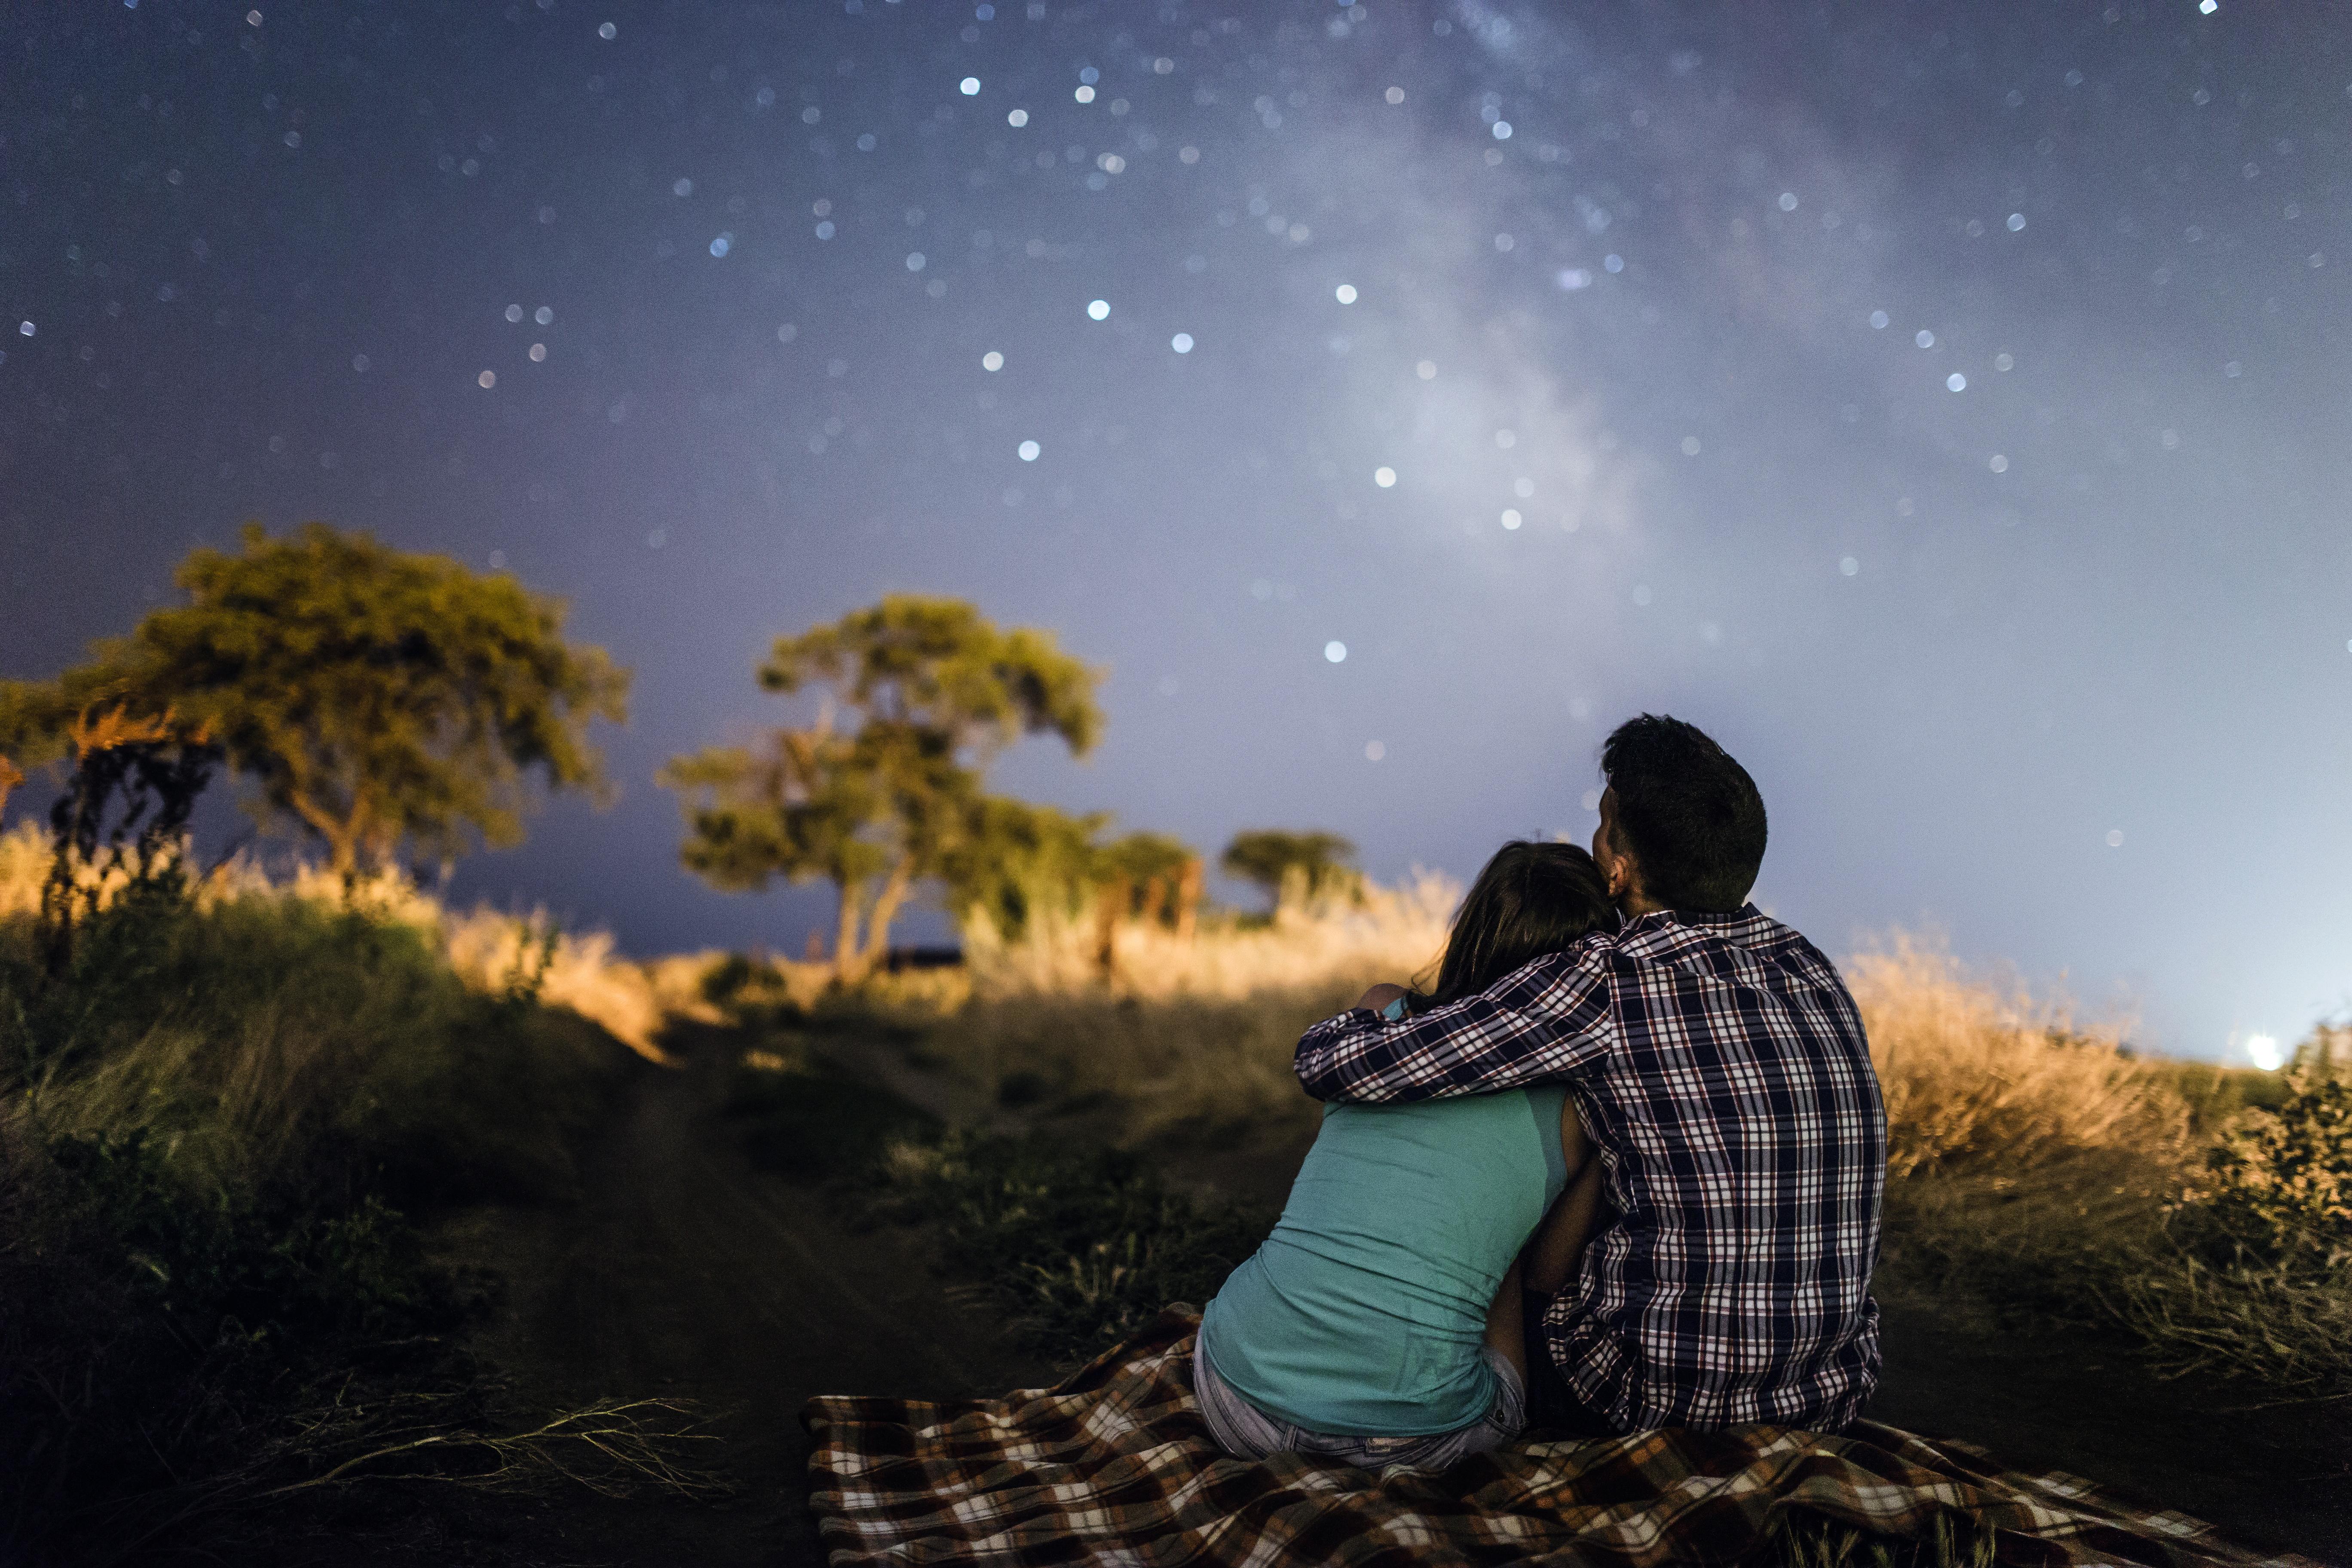 Sternenhimmel Apps Sternbilder auf Android und iOS kostenlos erkennen